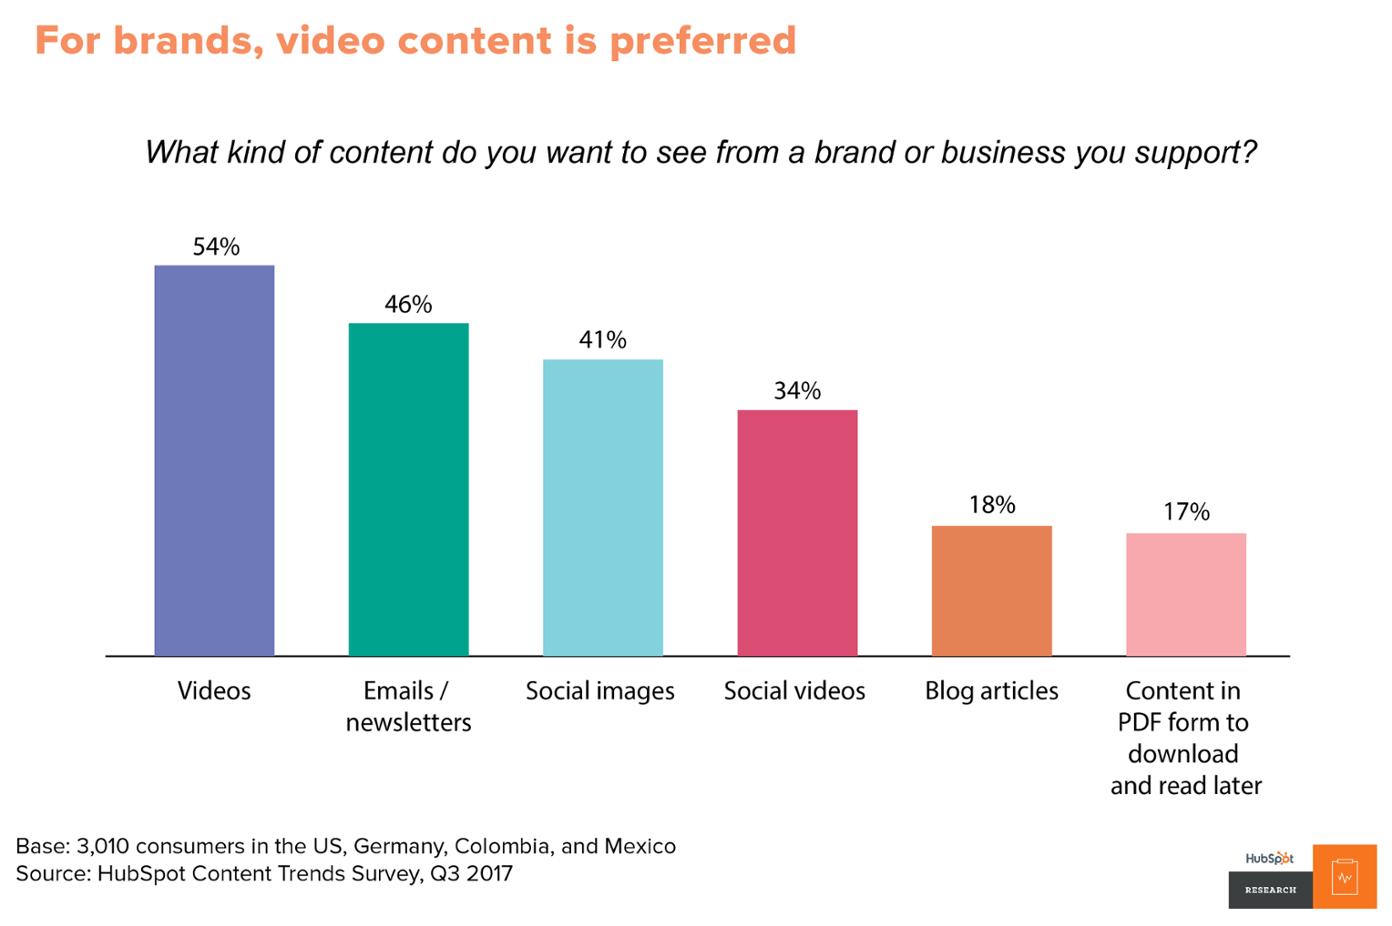 se prefiere el video marketing de contenido de video